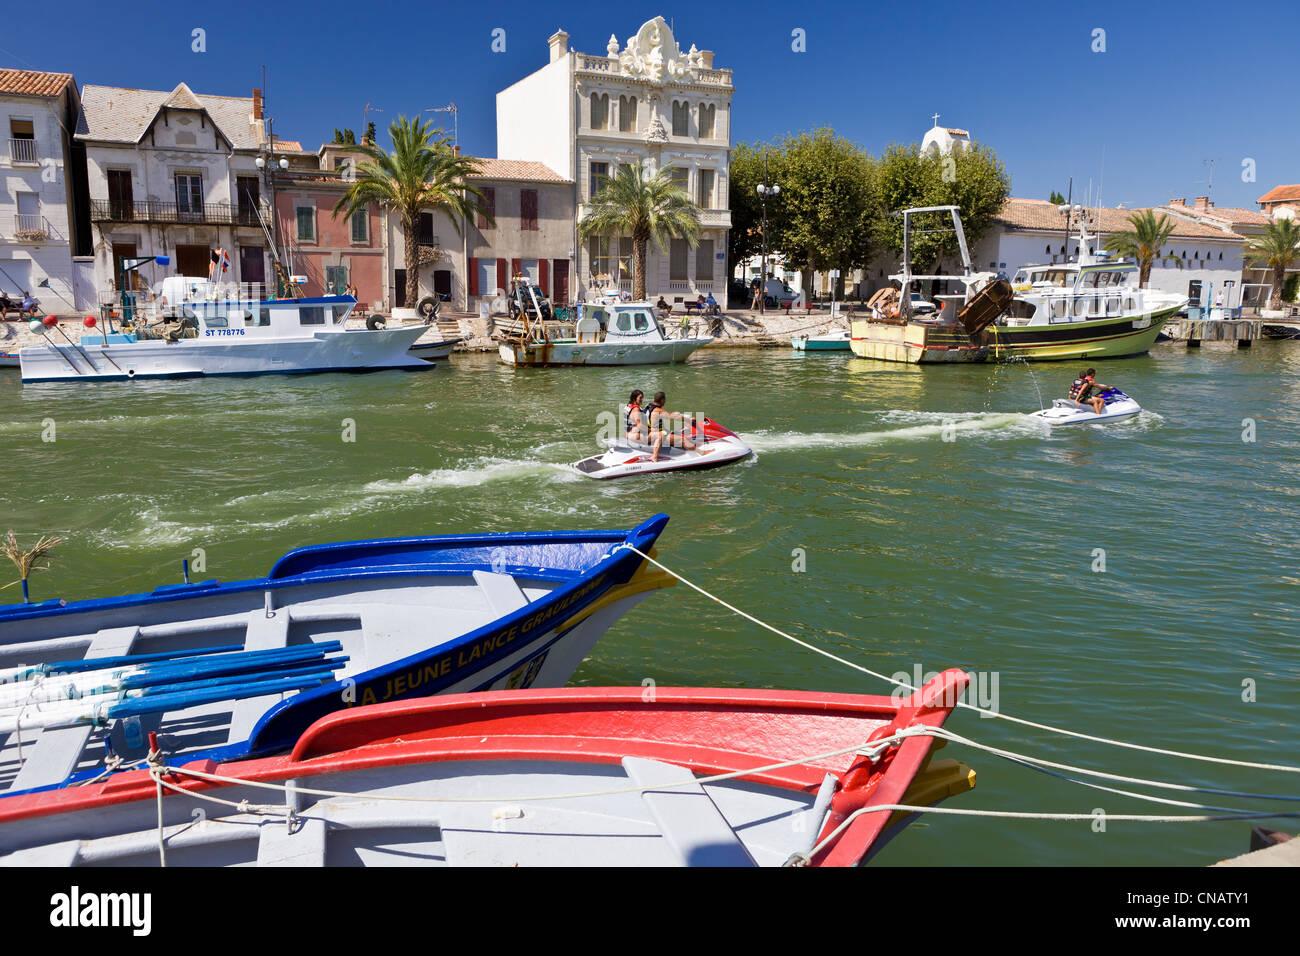 France, Gard, Camargue area, harbour town of Le Grau du Roi - Stock Image